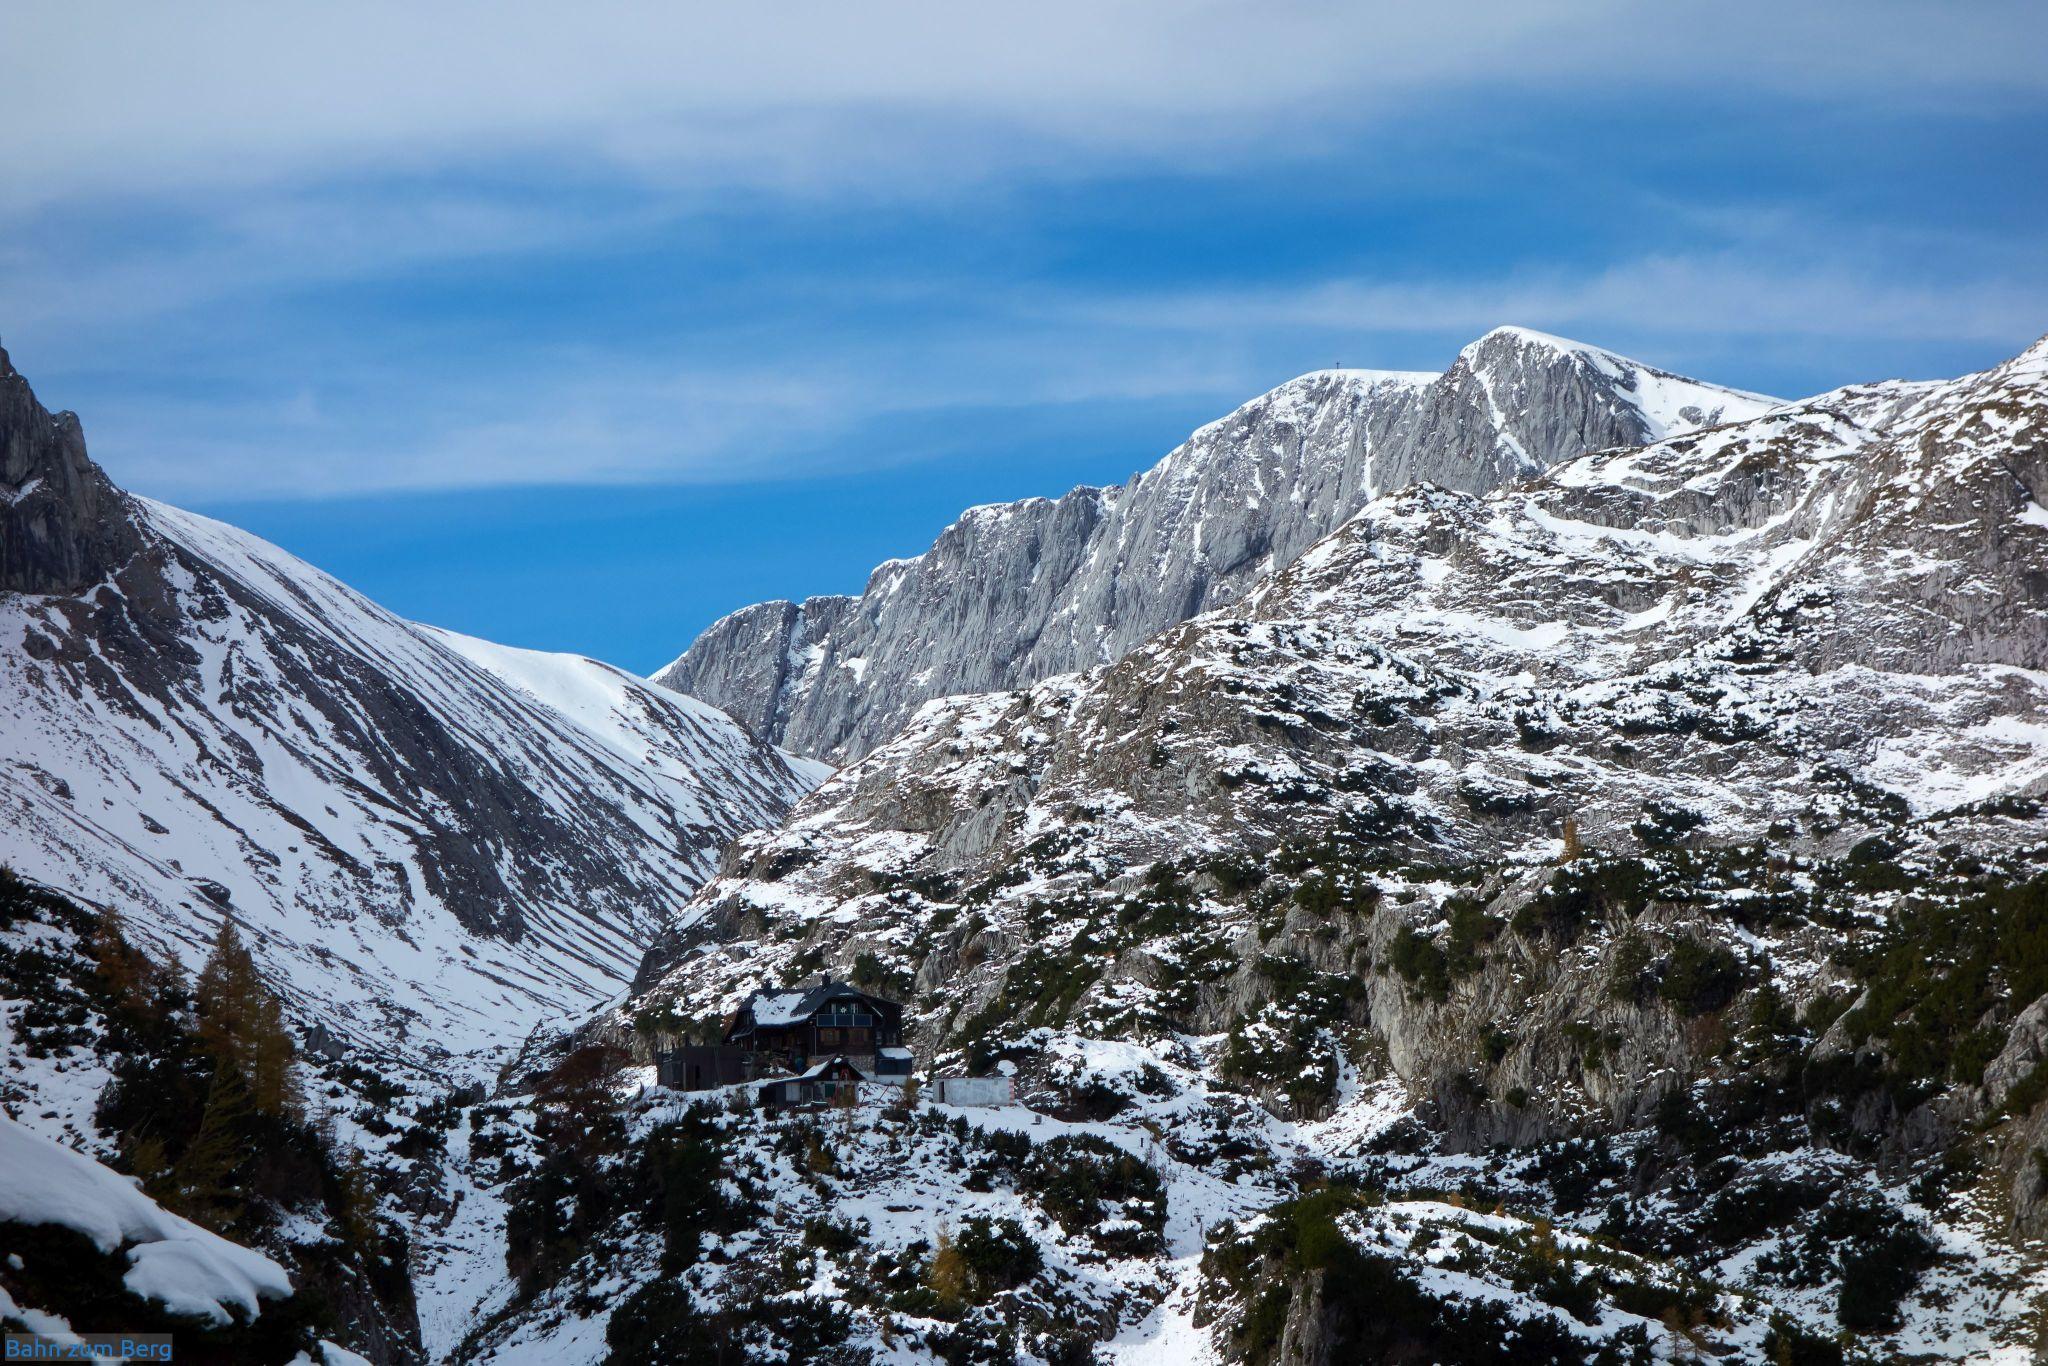 Links unten (dunkelbraun) die Voisthalerhütte, rechts oben das Gipfelkreuz des Hochschwabs.